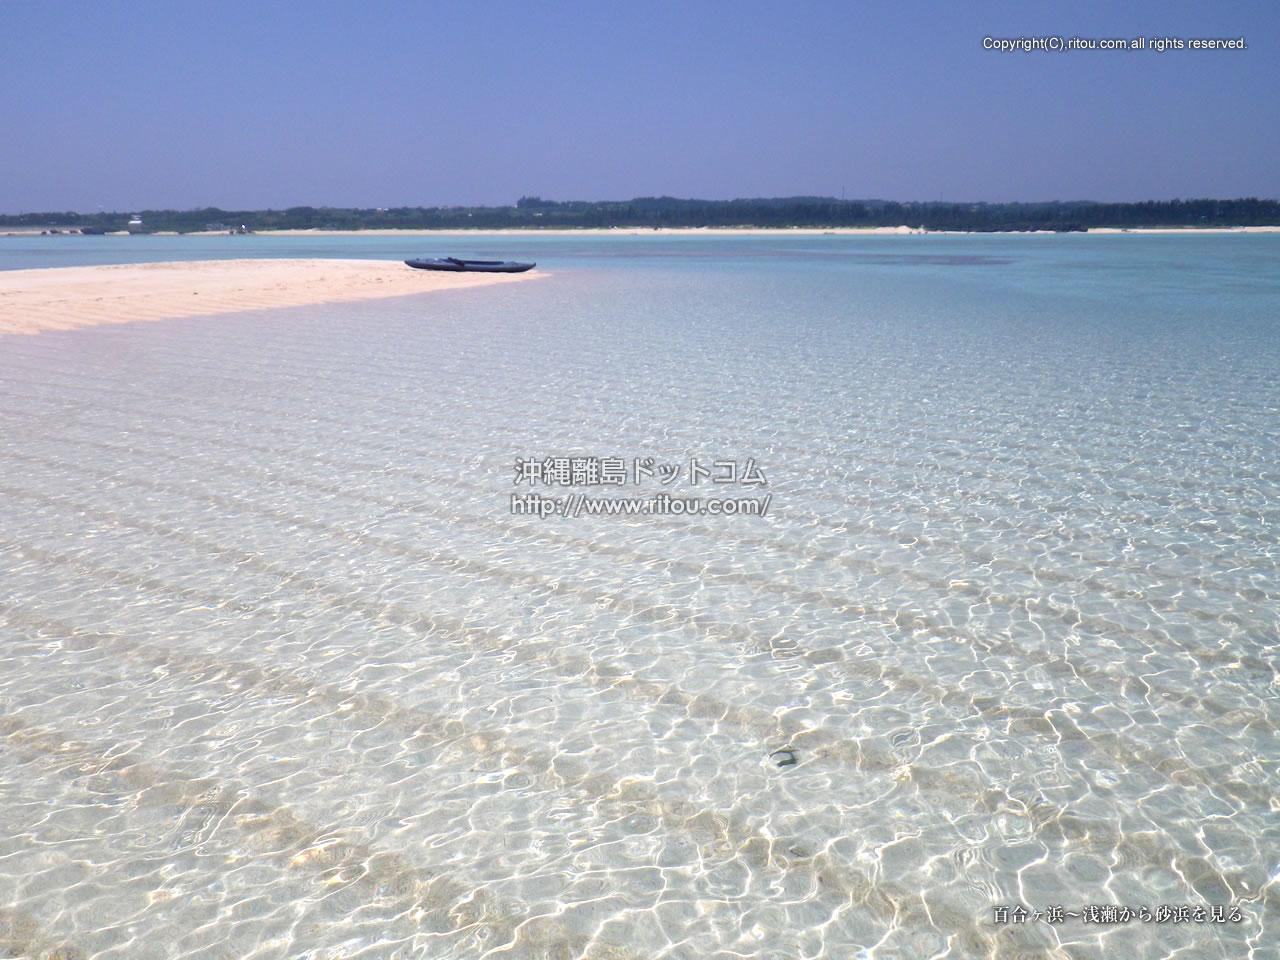 百合ヶ浜〜浅瀬から砂浜を見る